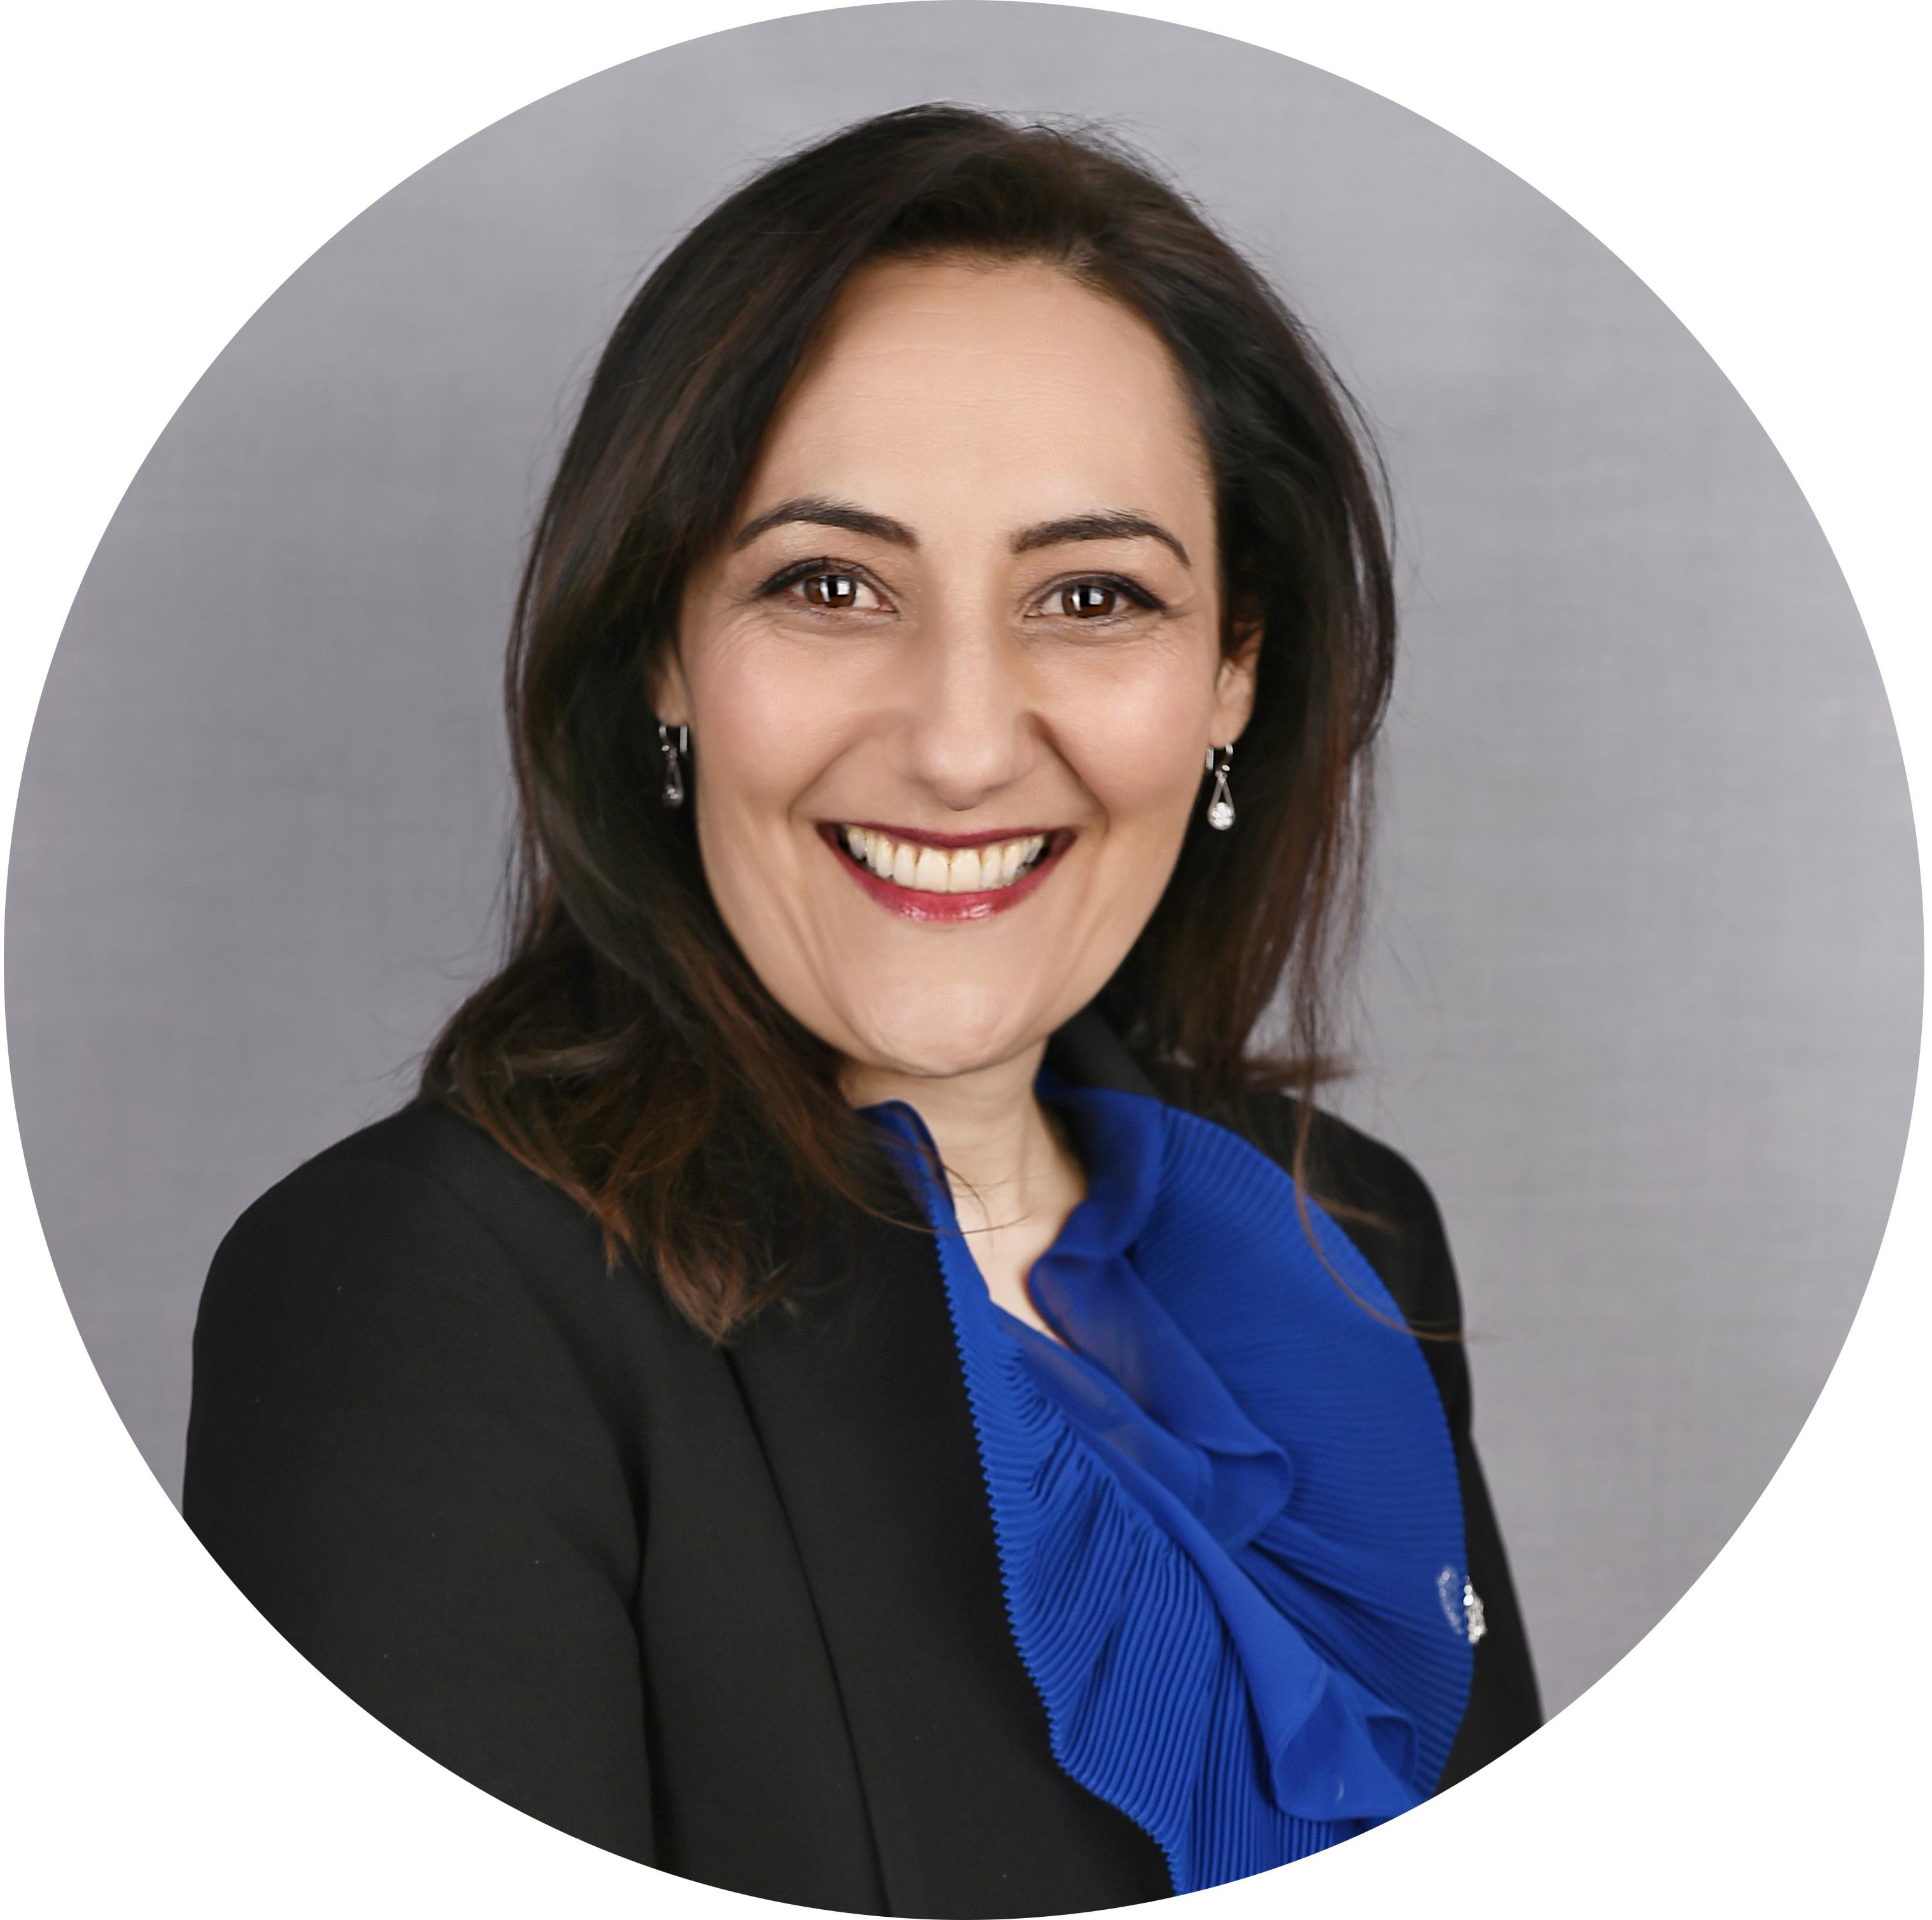 Silvia Alberto